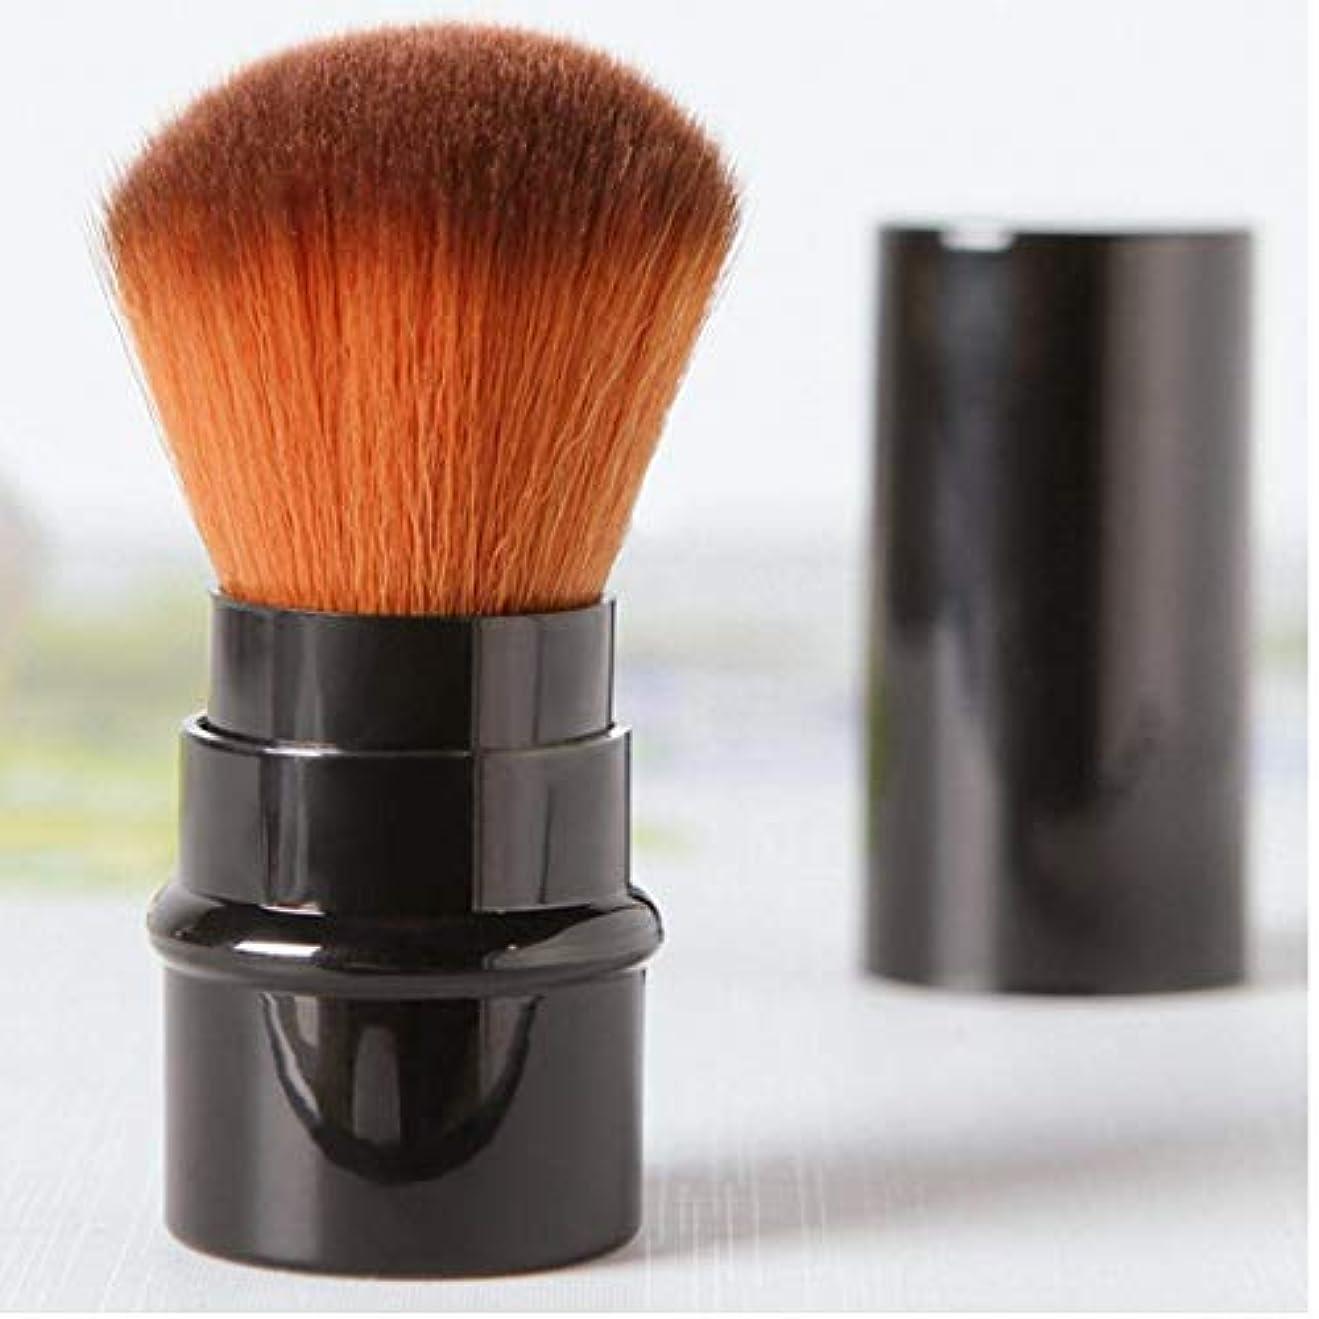 ミキサー洗うボールブラッシュ、ブロンザー、蛍光ペン用ミニトラベルサイズマルチタスクメイクブラシ(包装色と取り扱い色が異なる場合があります)